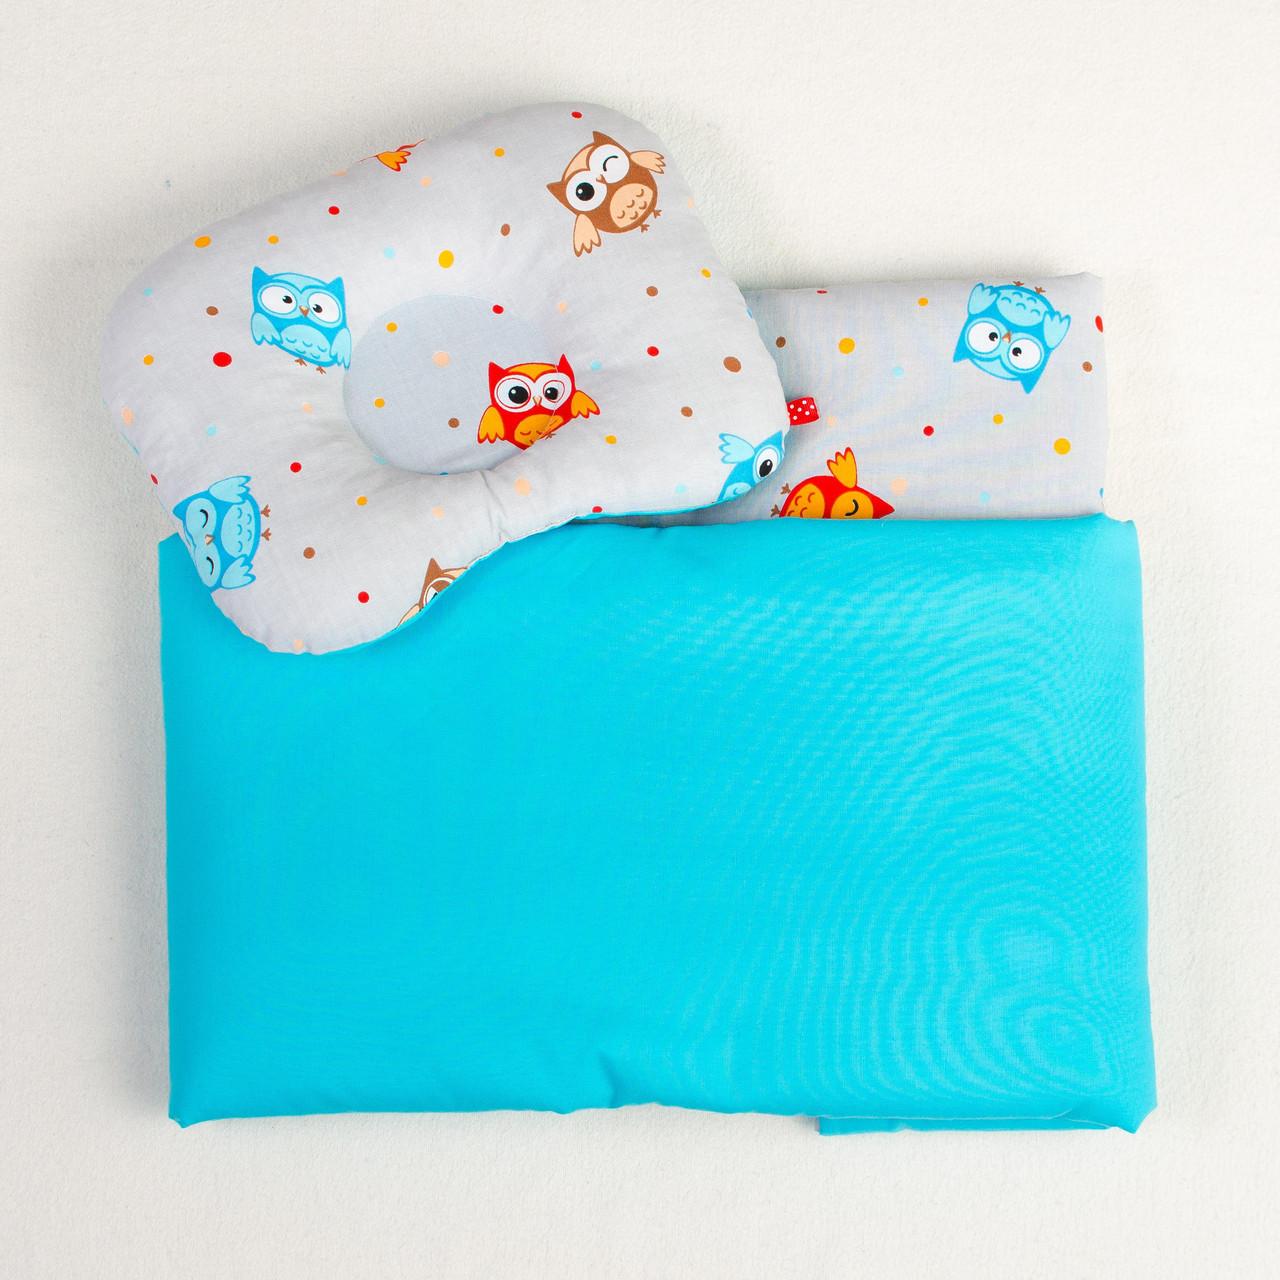 Постельное белье в детскую колыбель BabySoon три предмета Веселые совы цвет серый с бирюзовым (411)